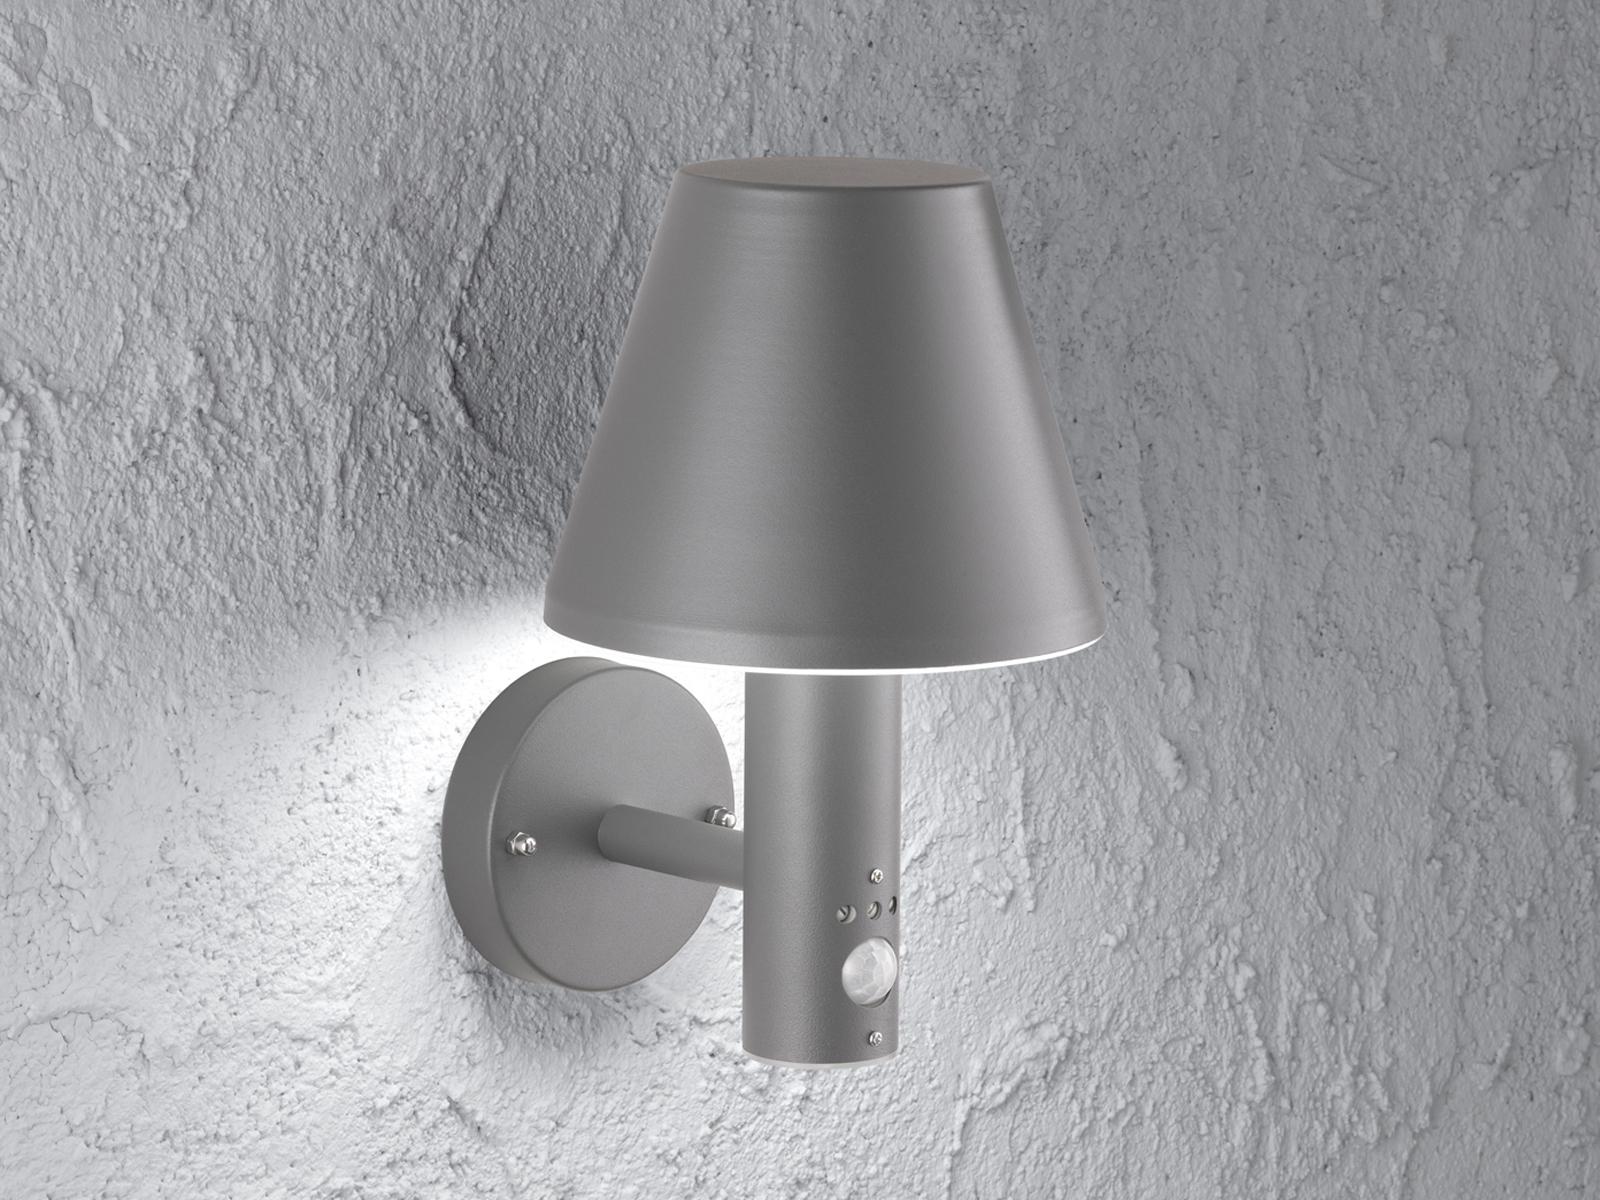 Lampada muro esterno con rilevatore di movimento in alluminio ip44 LED illuminazione di facciata continua